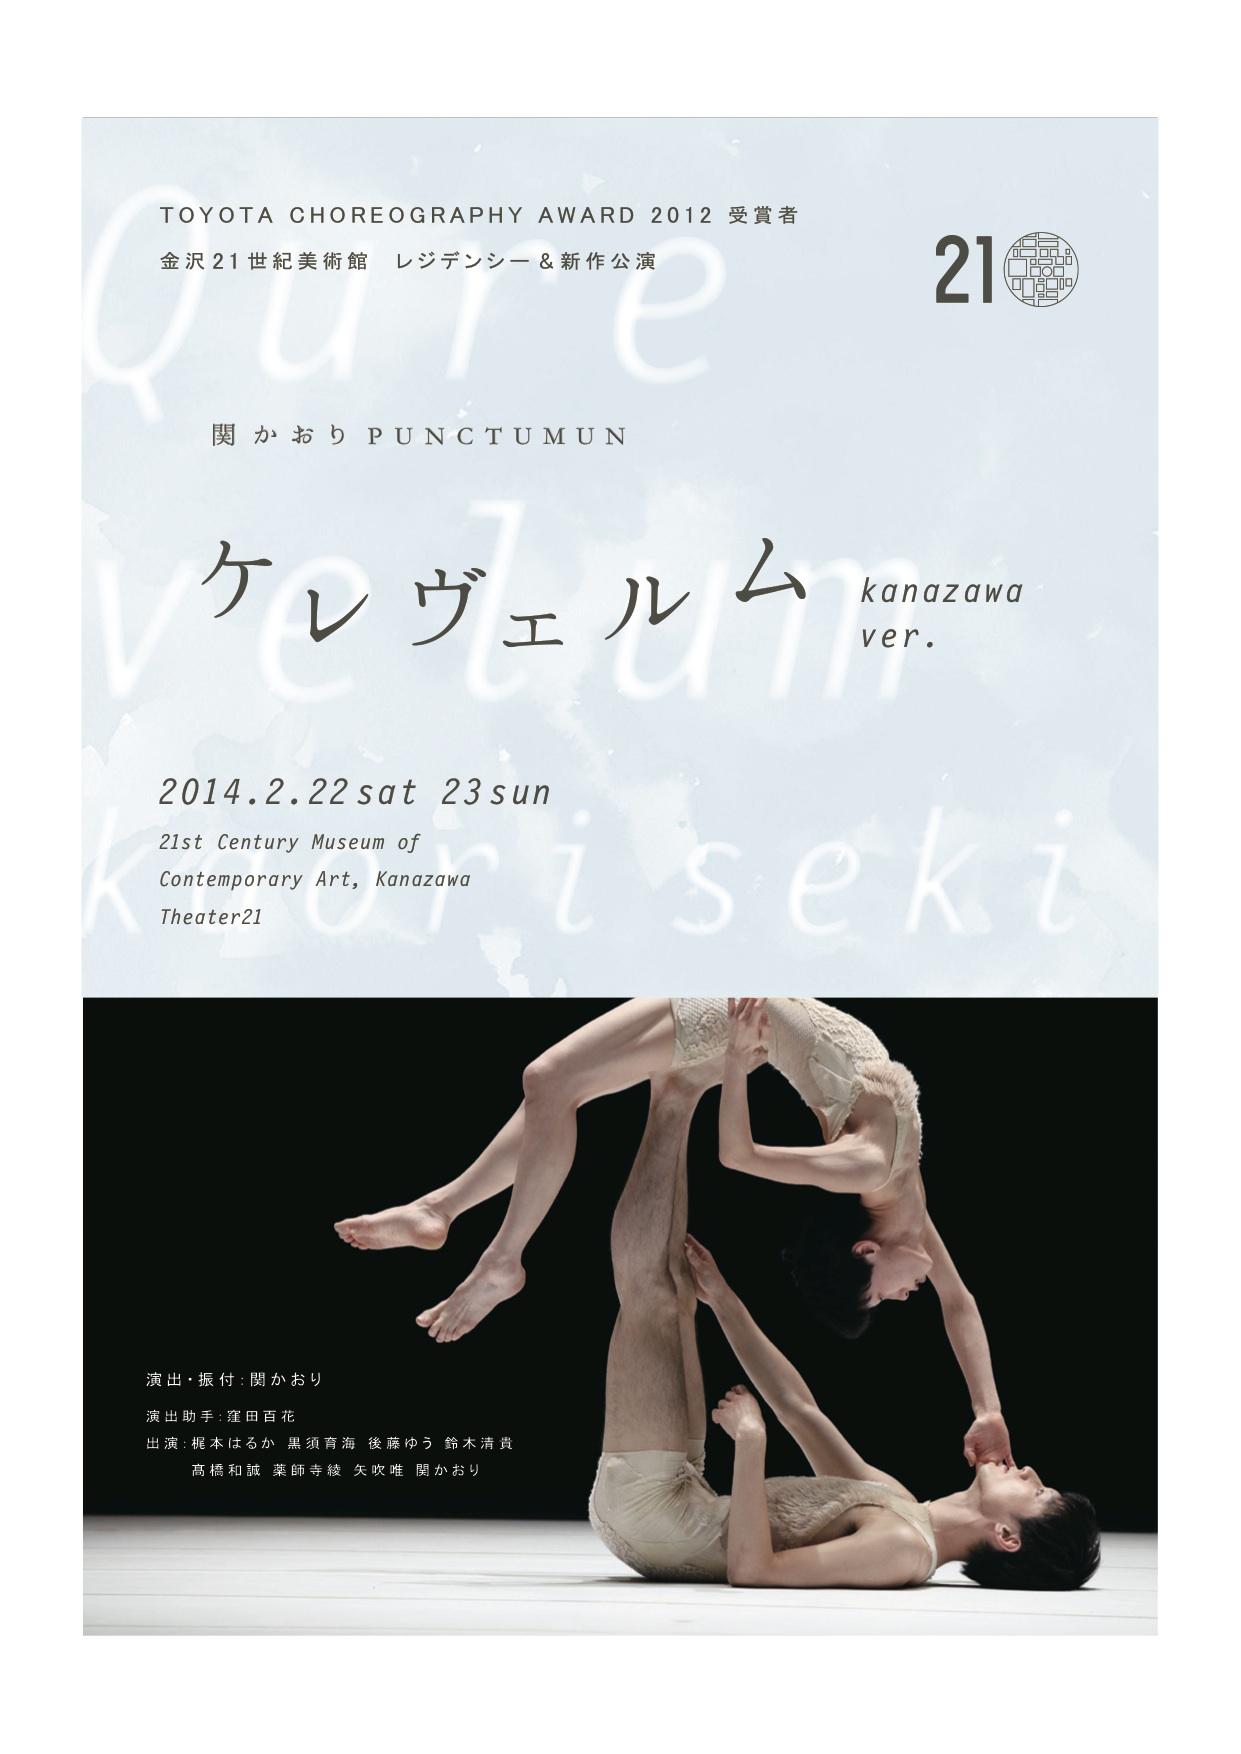 トヨタ コレオグラフィーアワード 2012 受賞者 レジデンシー&新作公演 『ケレヴェルム 金沢ver.』←終了しました